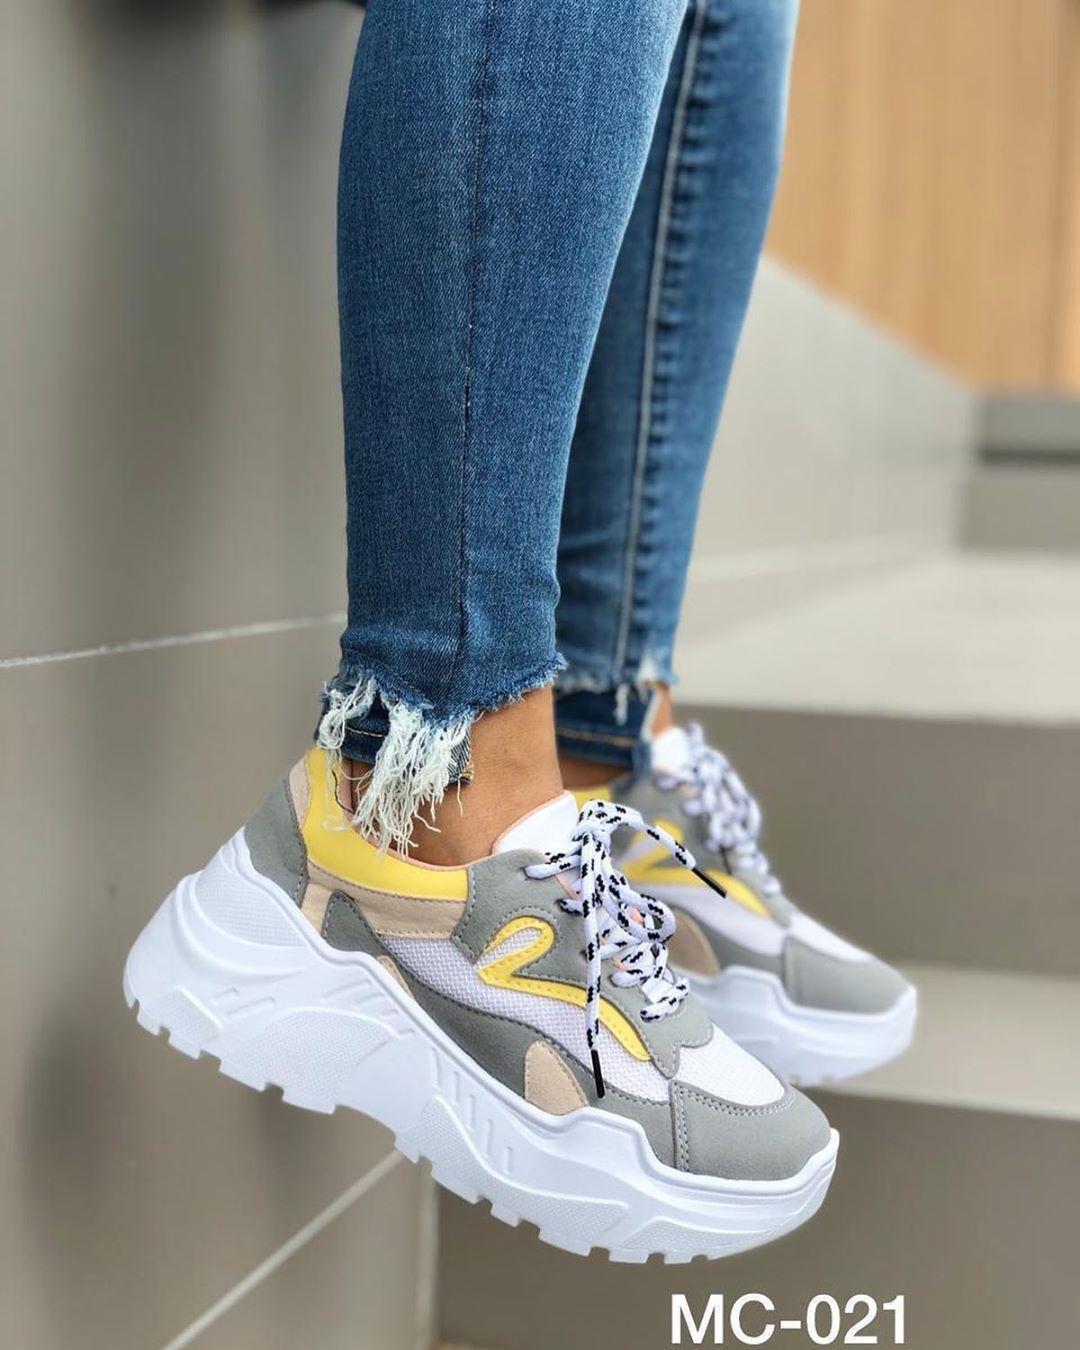 Tallas De 35 A 40 Whatsapp 3164098616 Envios Nacionales 100 Seguros Metodos De Pagos Calzado De Moda Zapatos Tenis Para Mujer Zapatos Vans Mujer